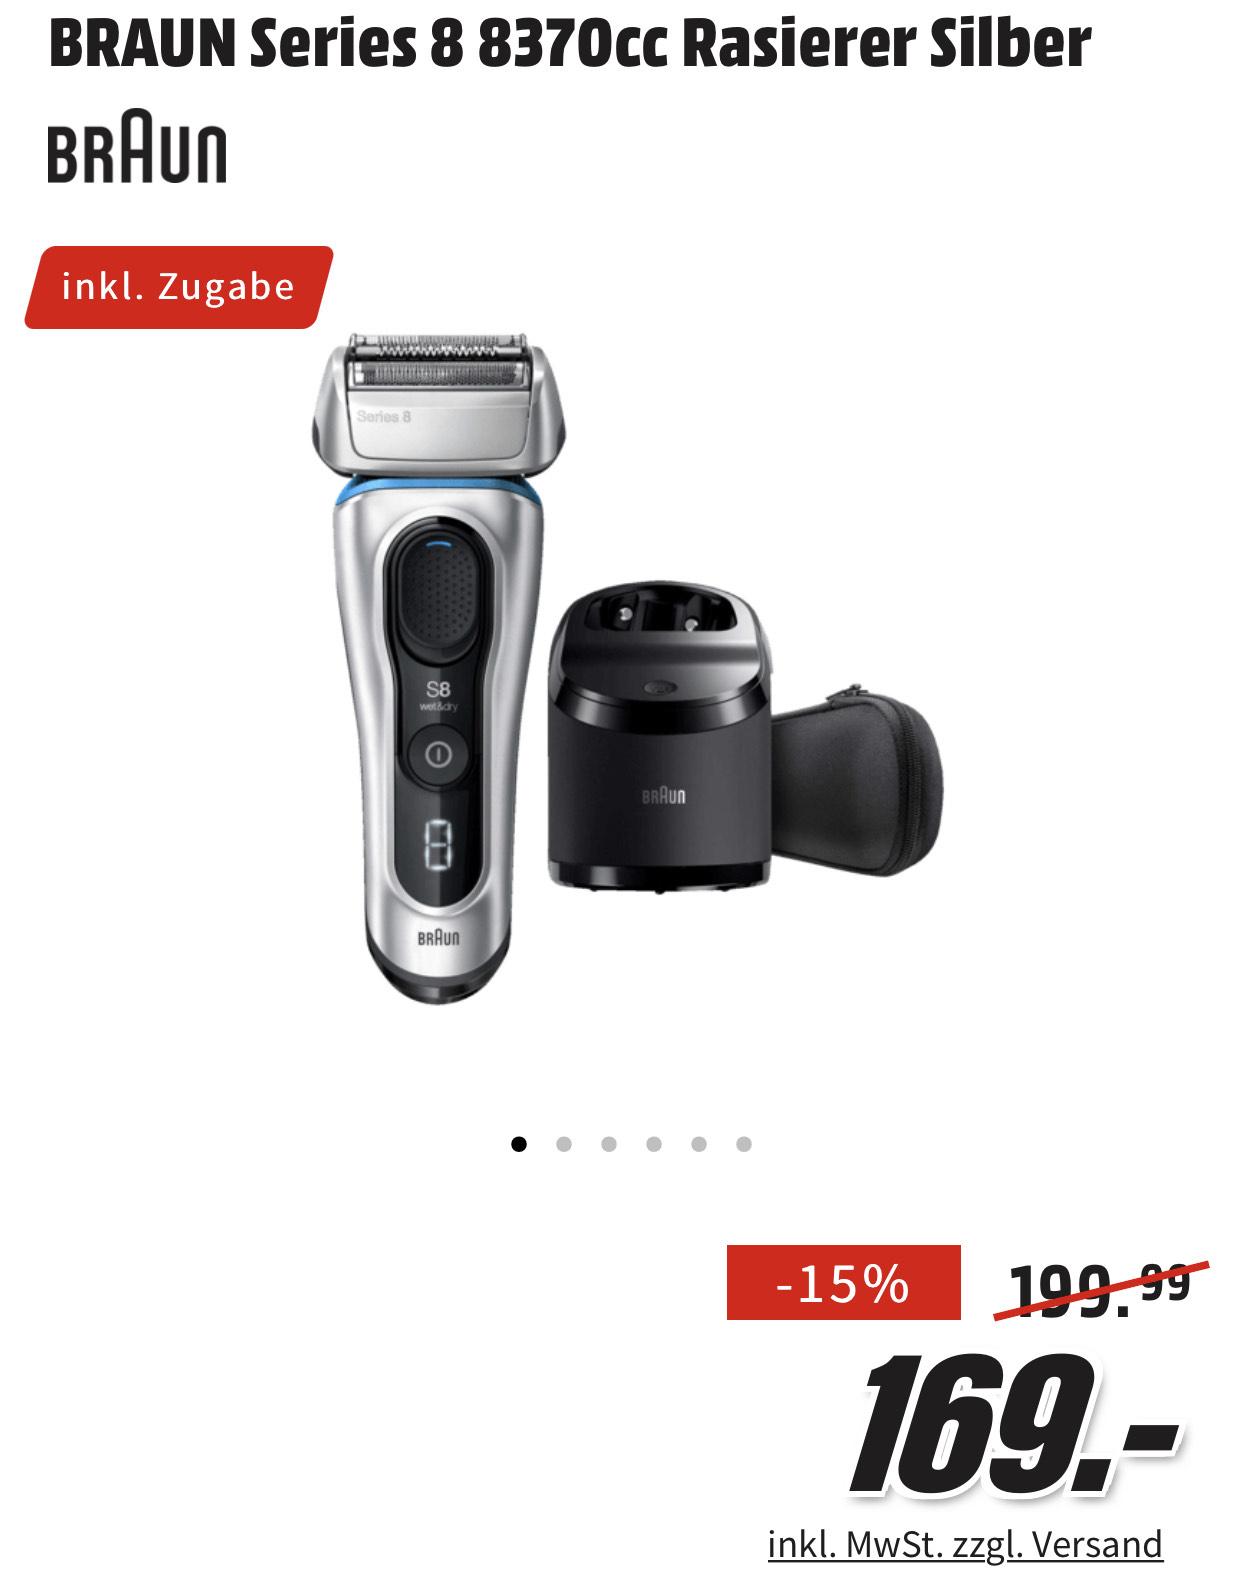 BRAUN Series 8 - 8370cc plus 20 Euro cashback plus 5+1 Reinigungskartuschen [Media Markt]